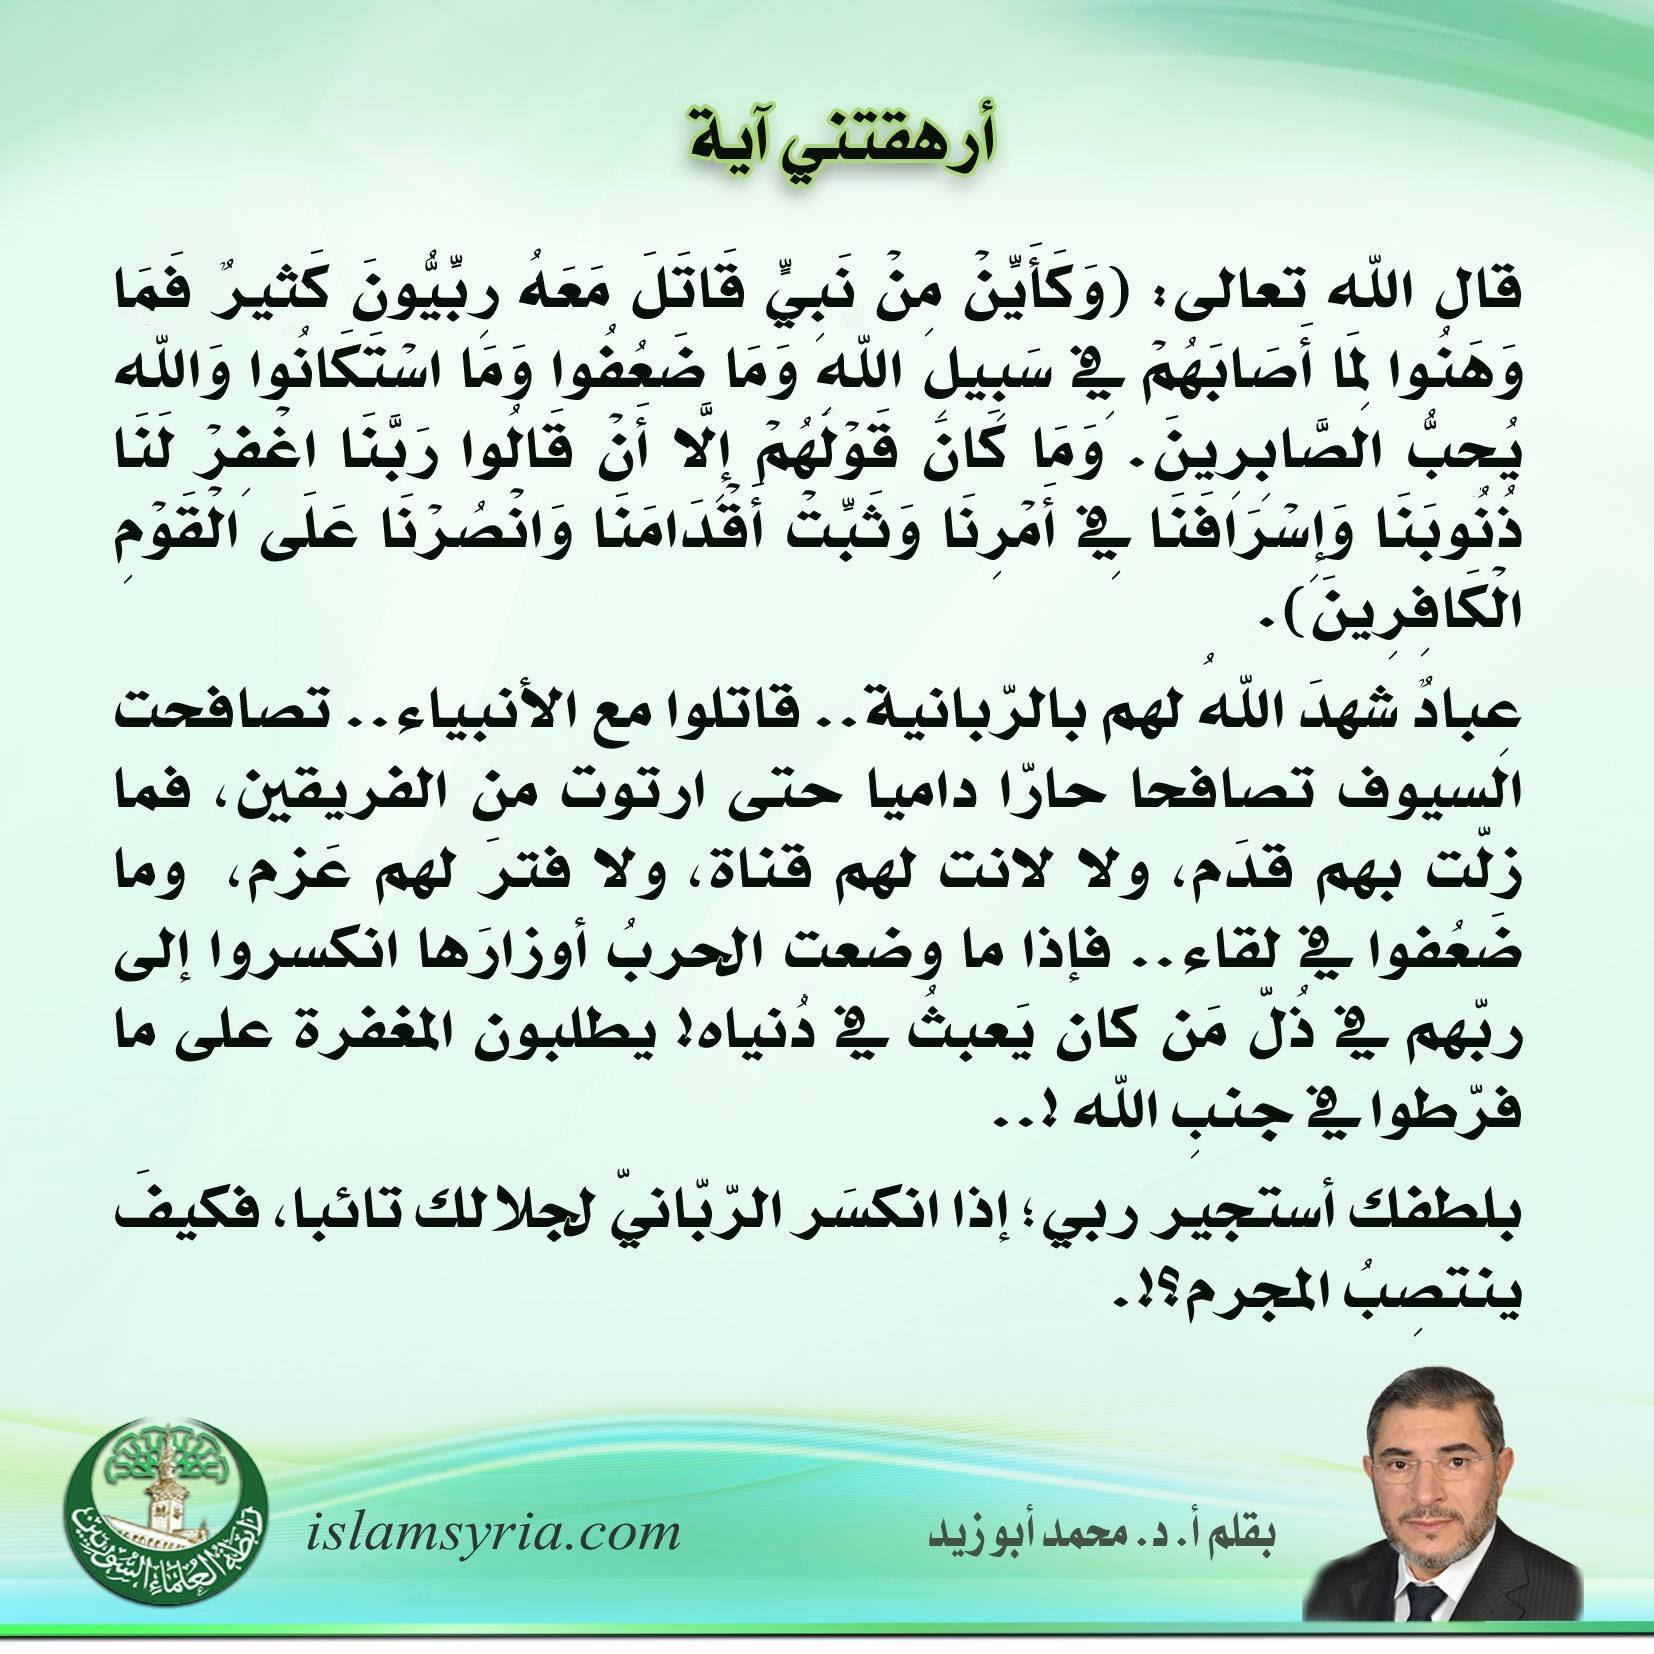 أرهقتني آية||أ.د. محمد أبو زيد